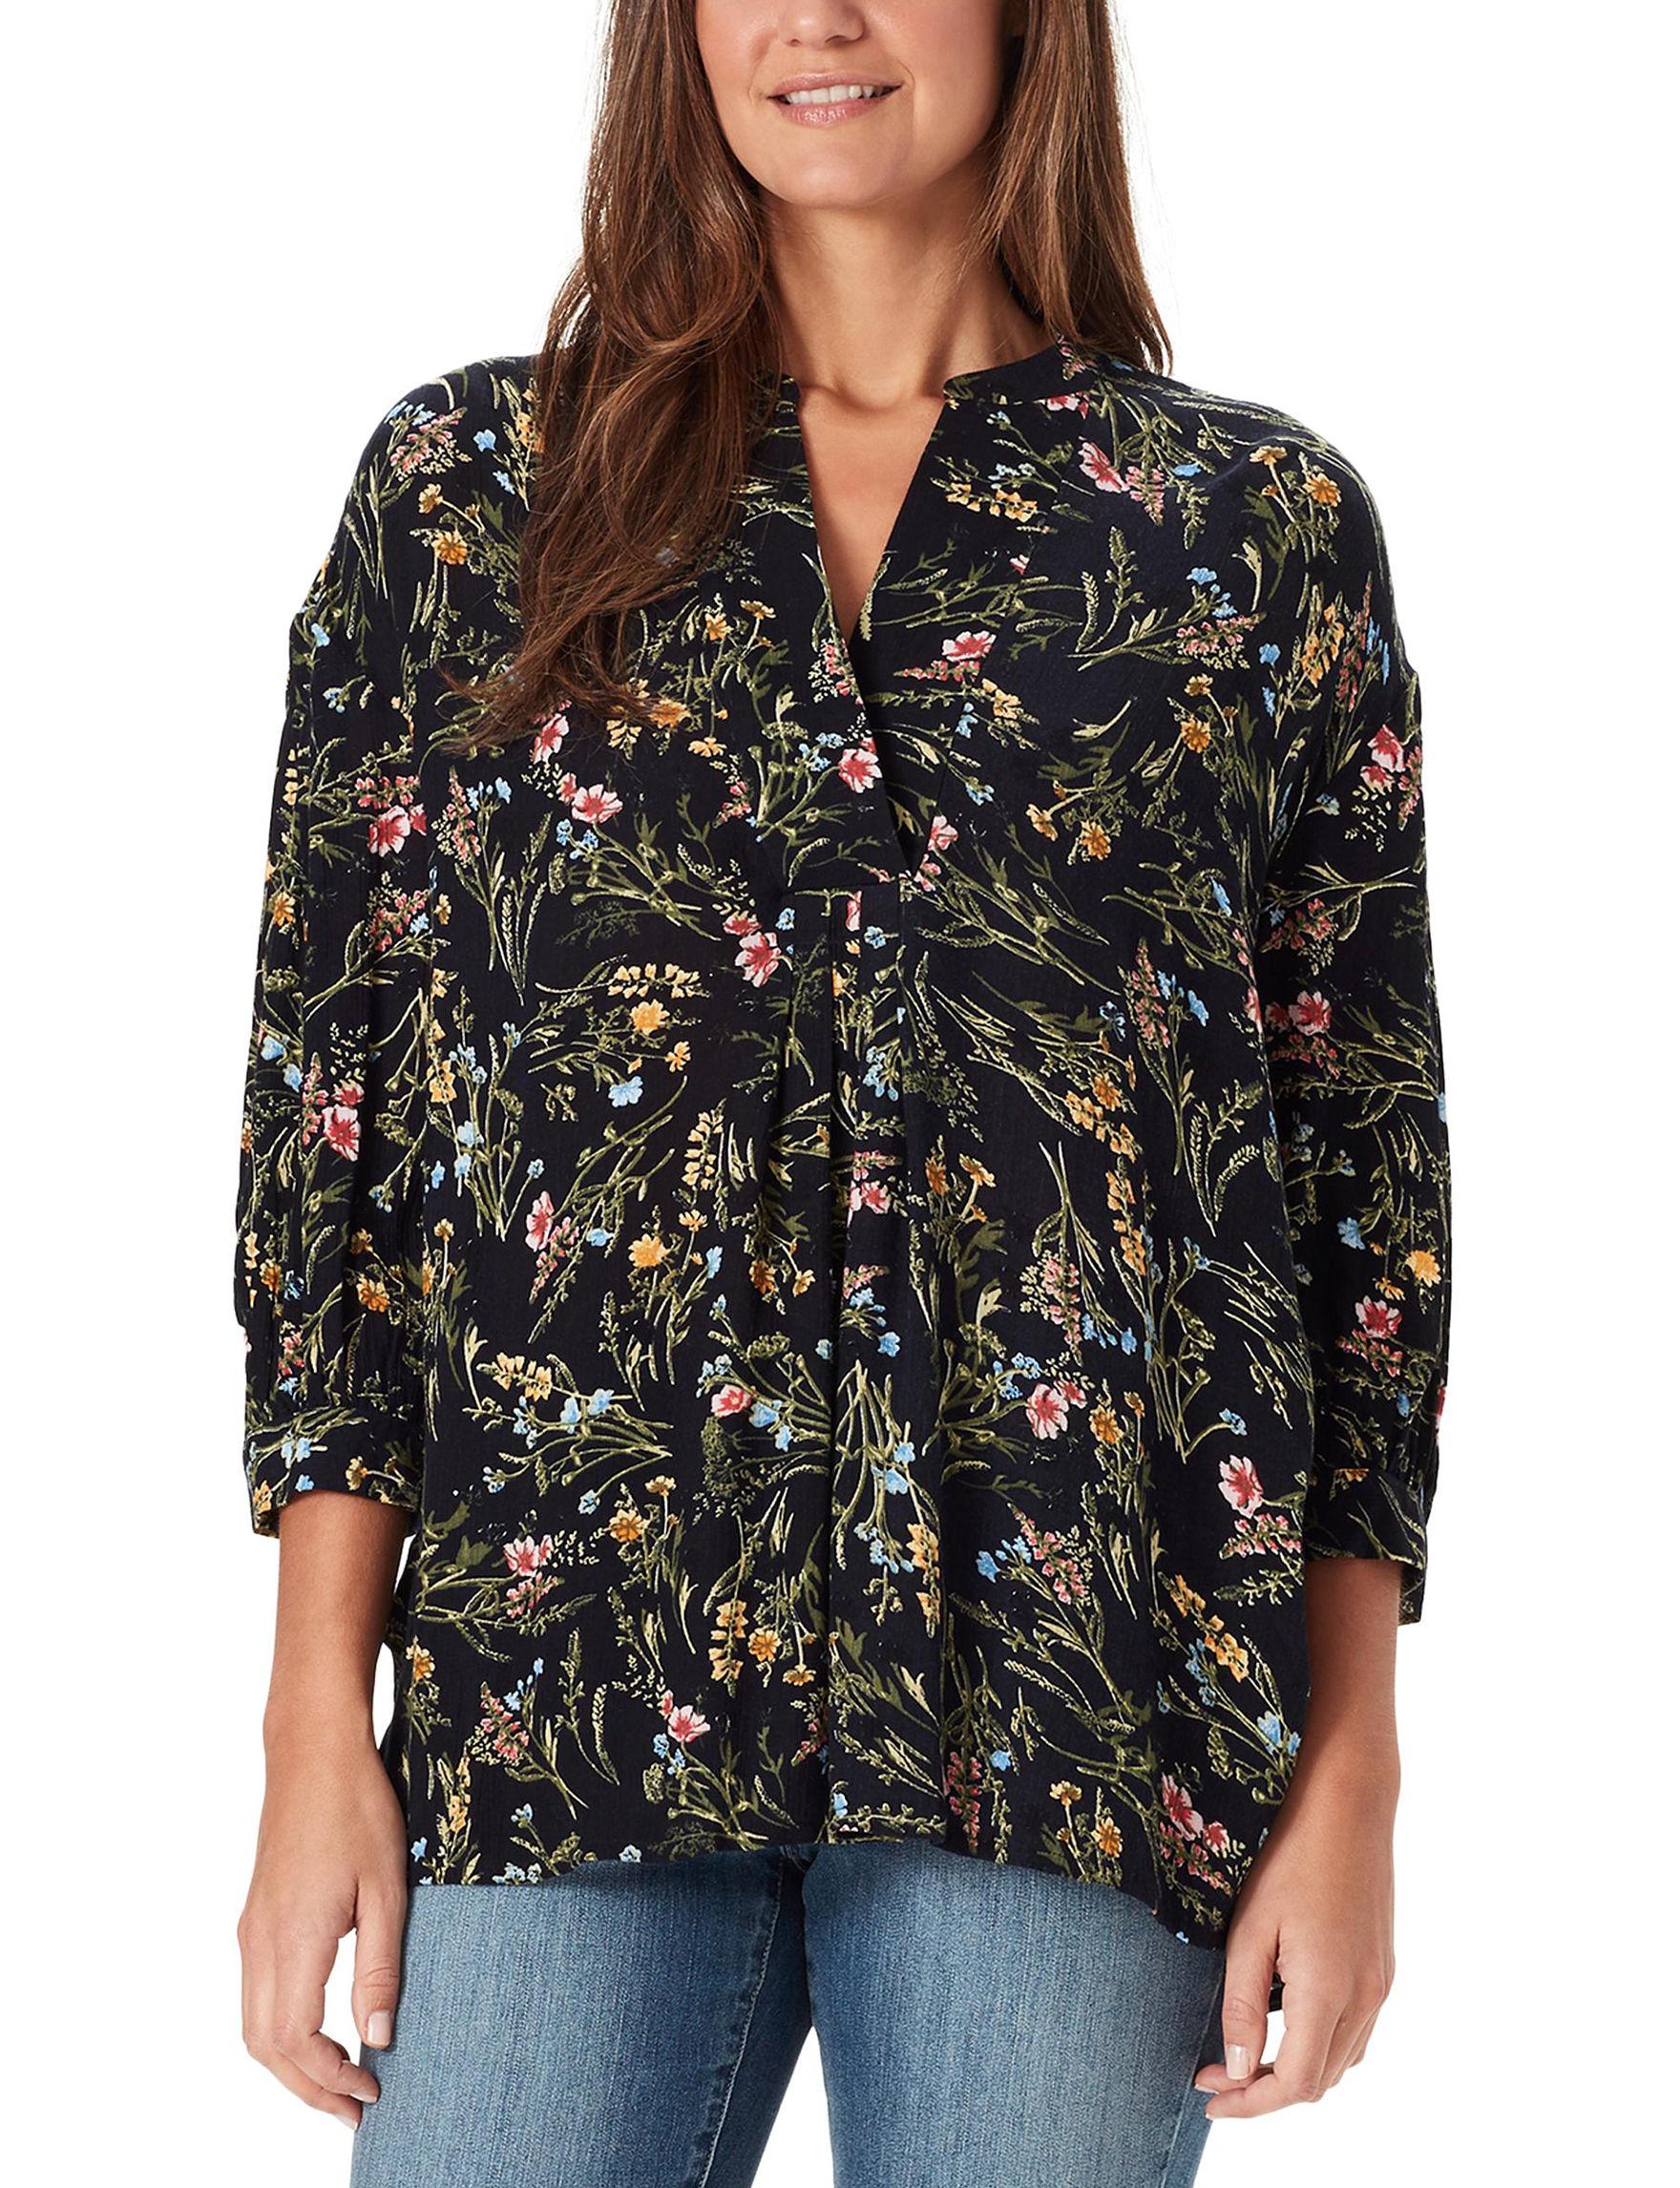 Bandolino Black Floral Shirts & Blouses